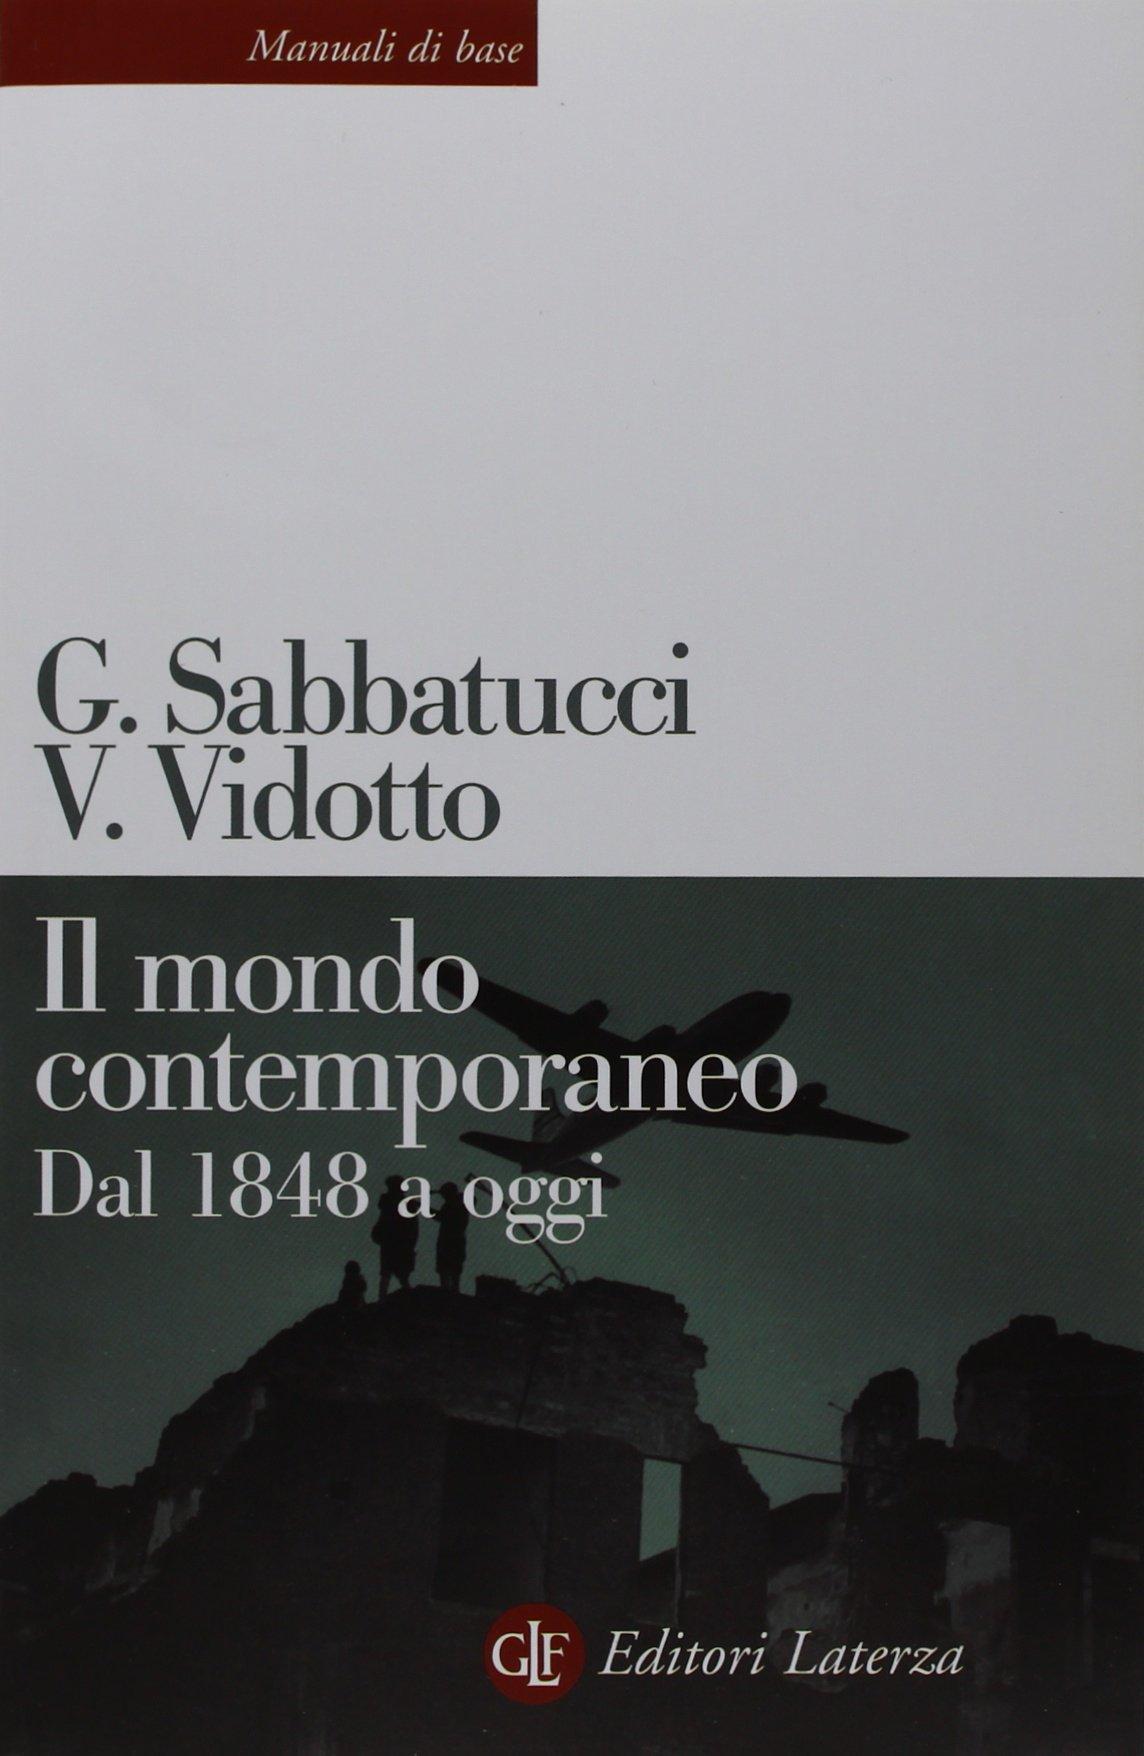 sabatucci vidotto storia contemporanea  Il mondo contemporaneo. Dal 1848 a oggi: : Giovanni ...